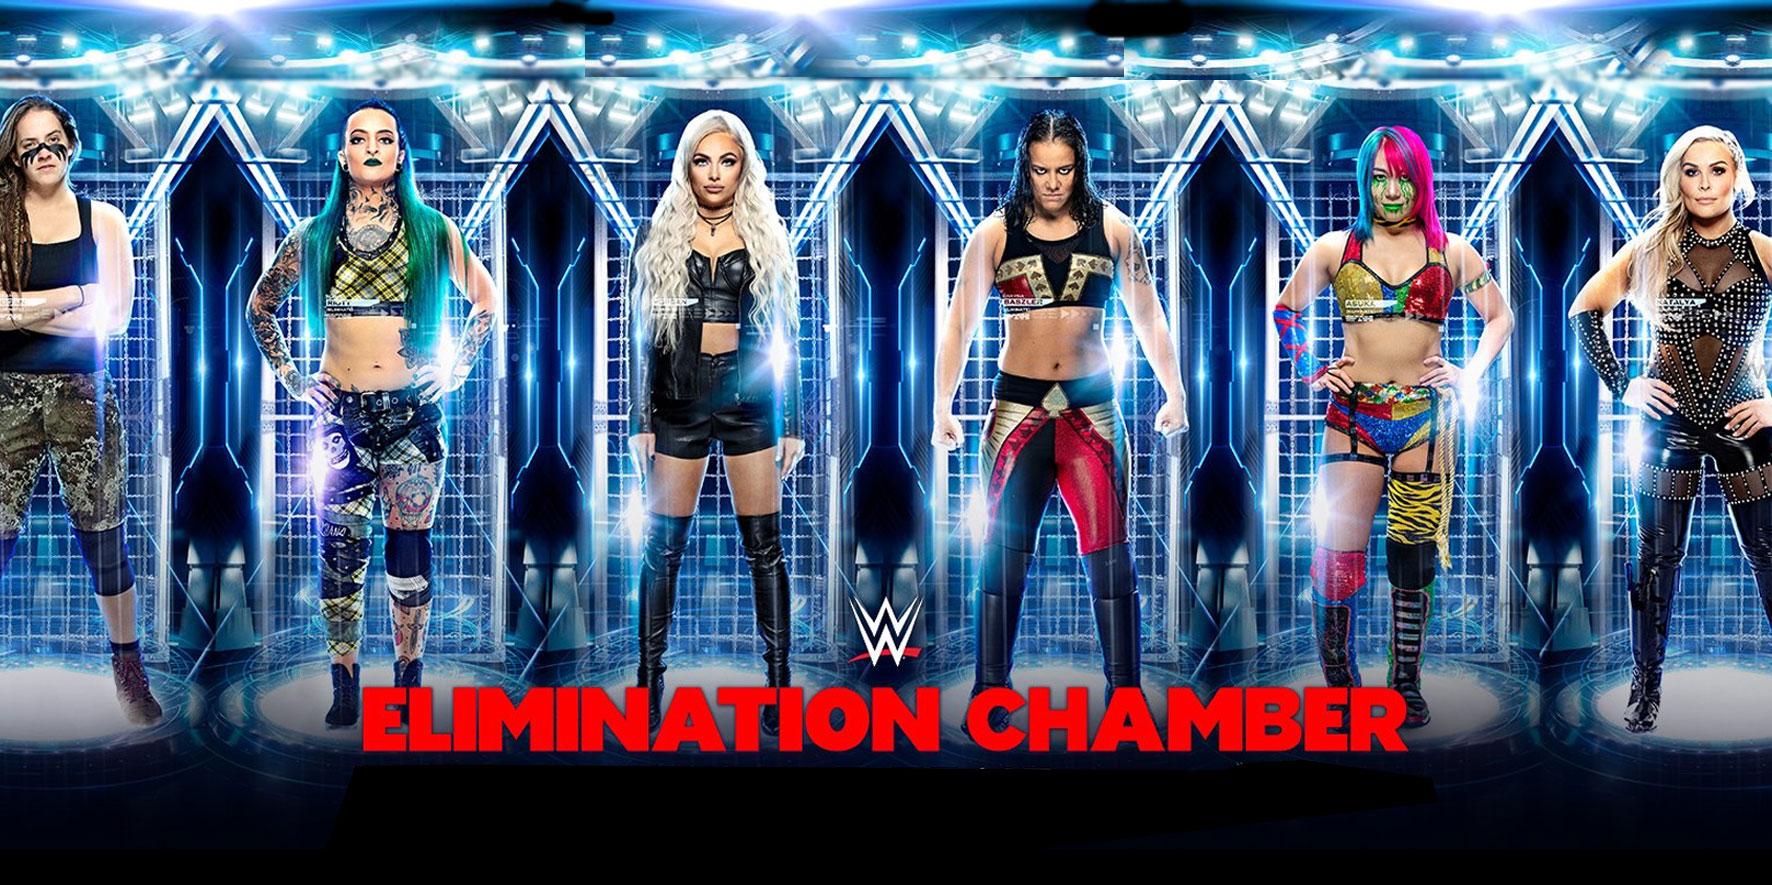 Wwe Elimination Chamber 2021 Ergebnisse